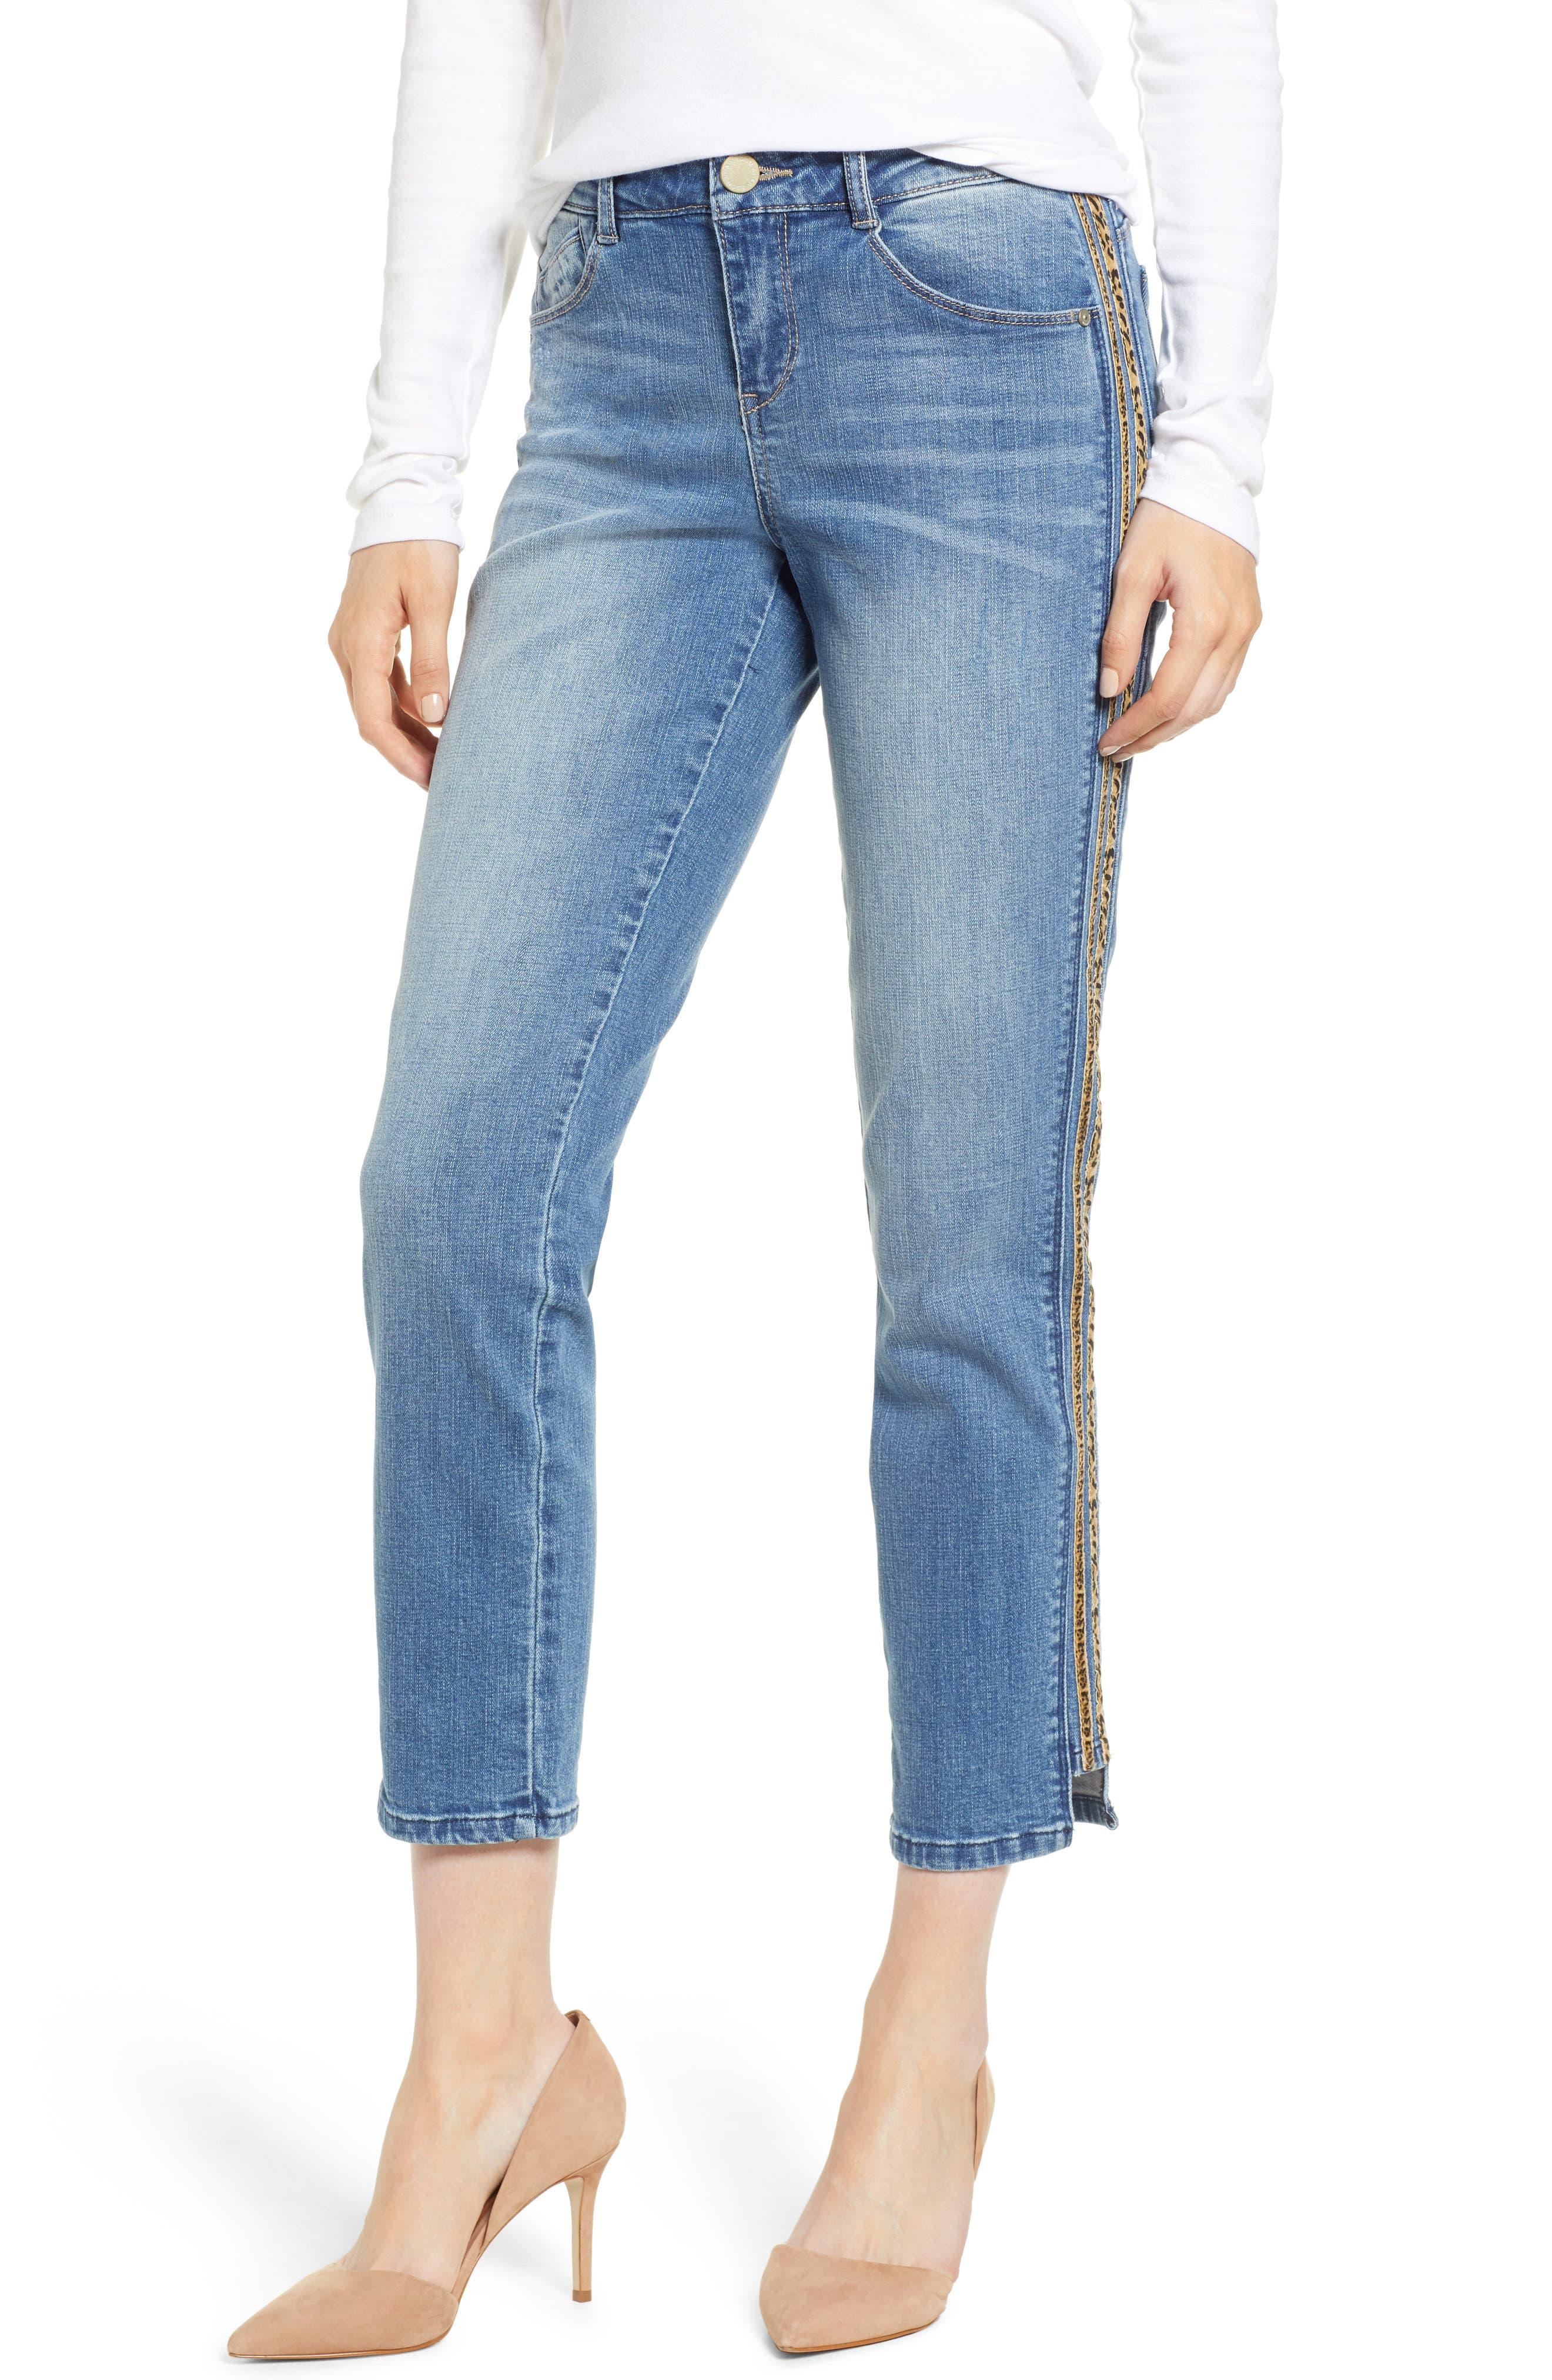 WIT & WISDOM, Flex-ellent Leopard Stripe Slim Straight Leg Jeans, Main thumbnail 1, color, 420